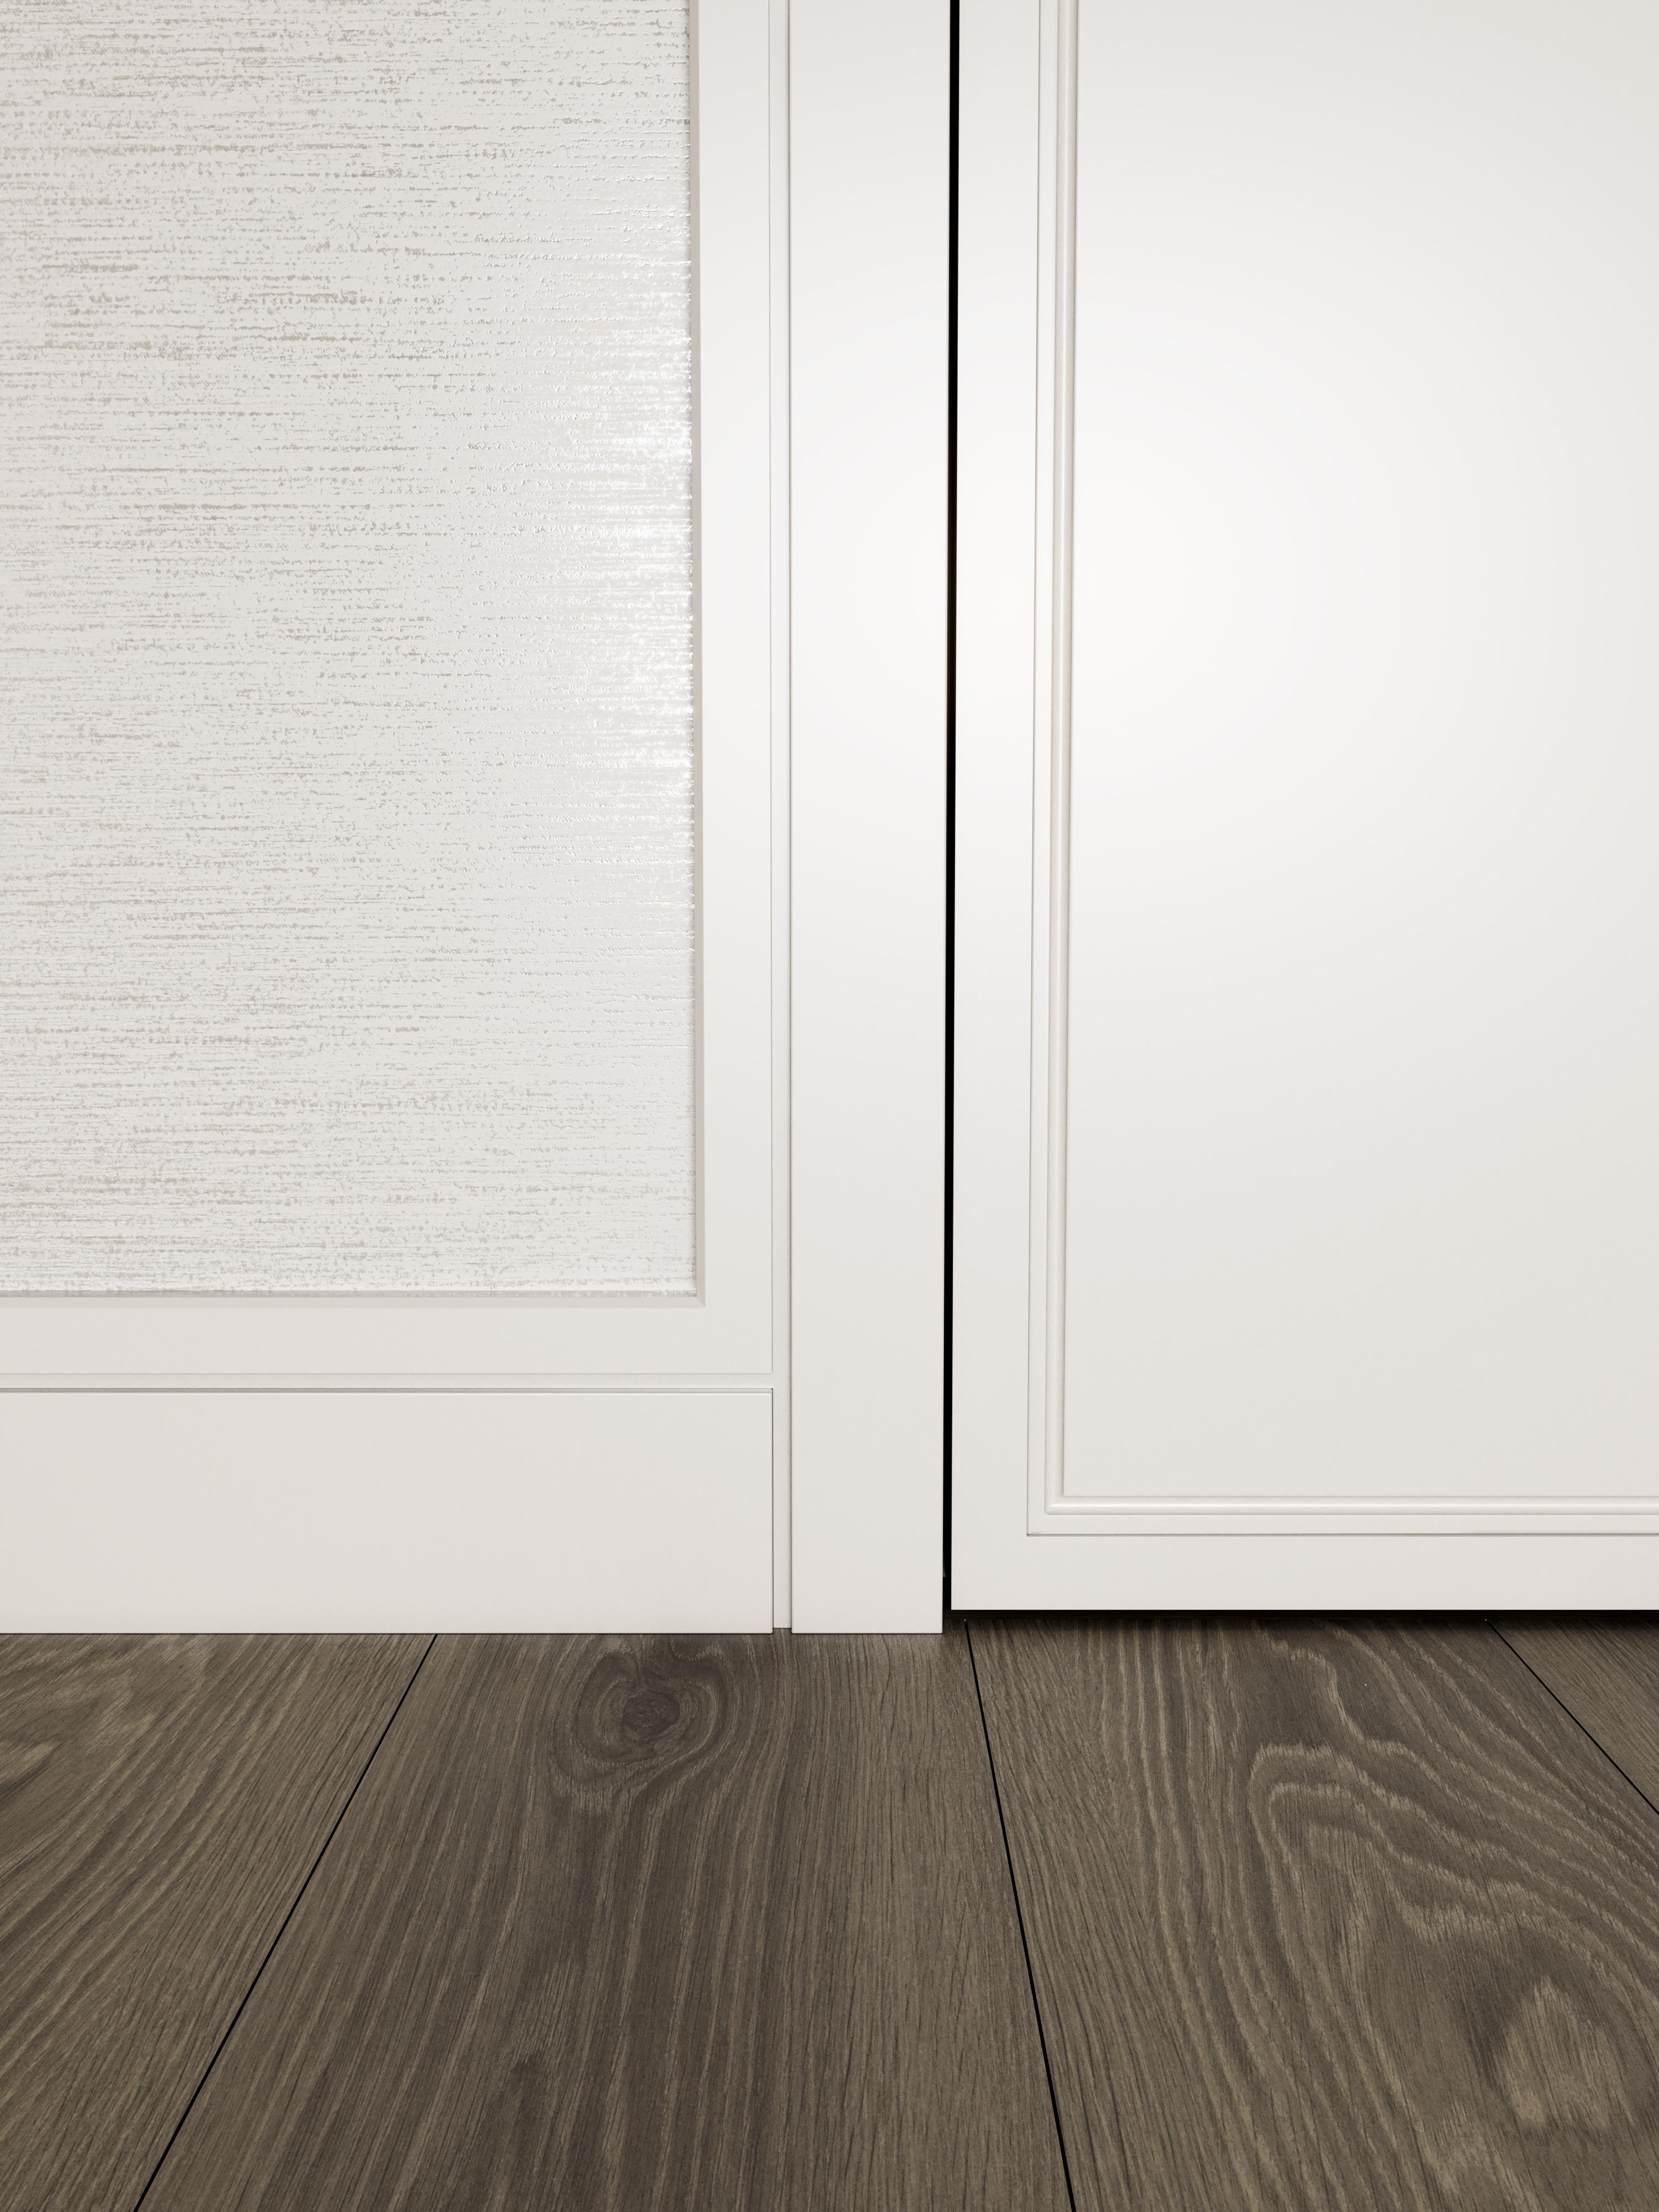 condo 2 - typical door detail